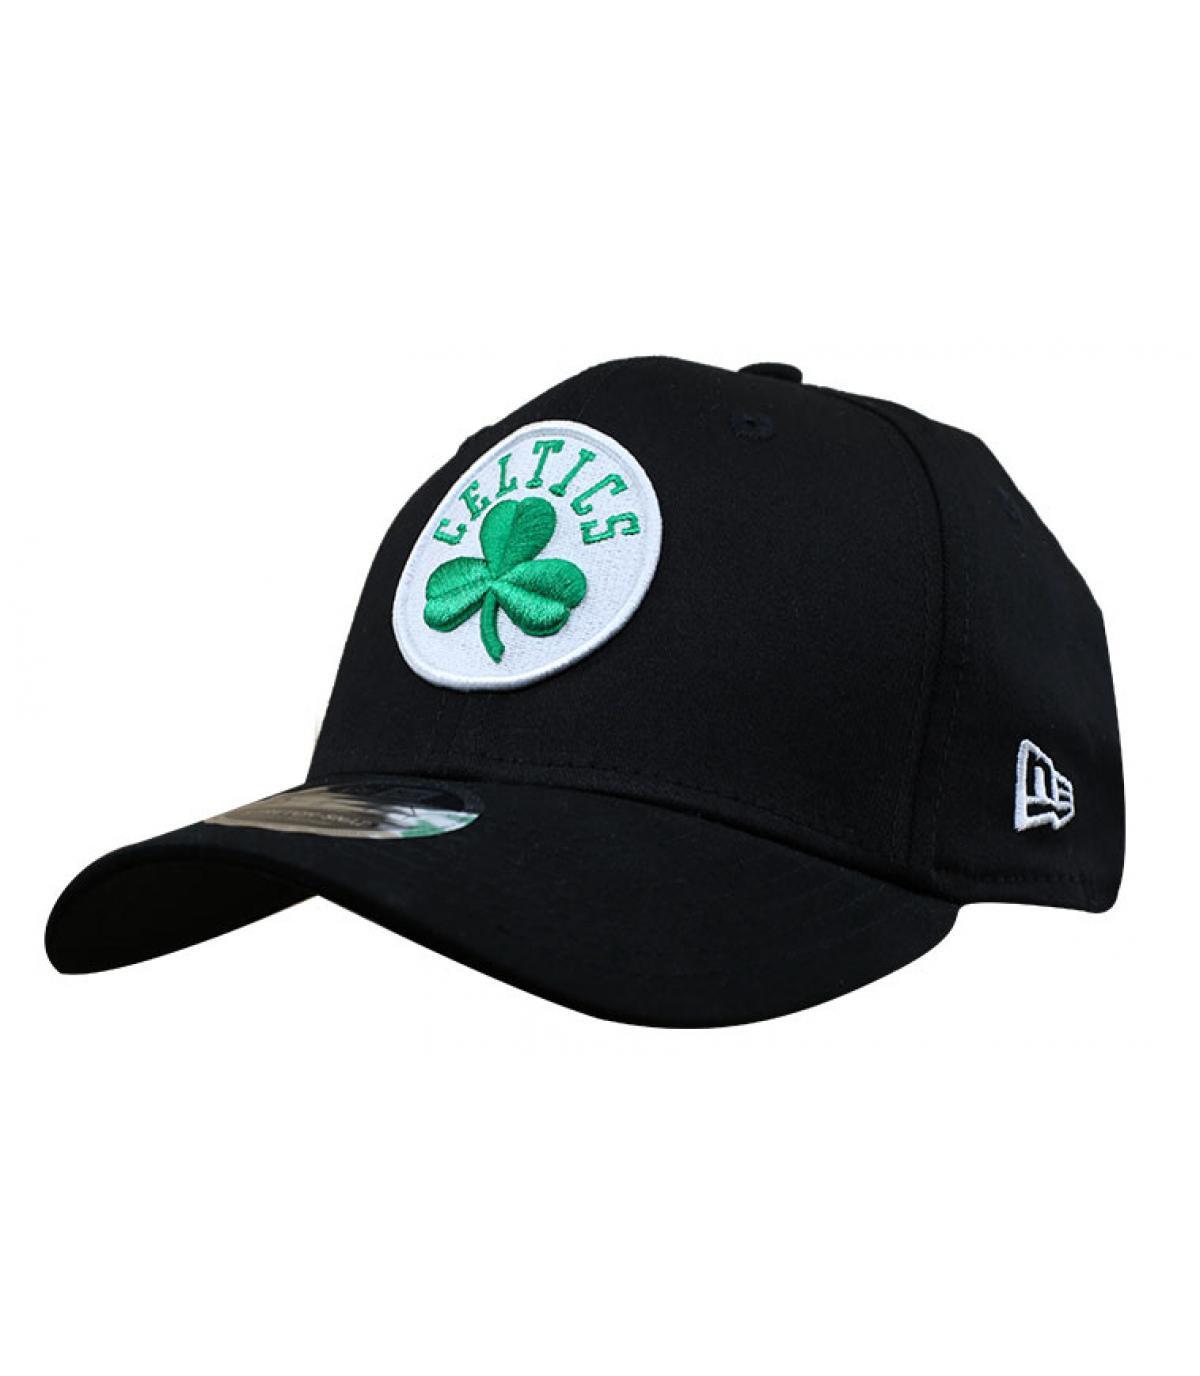 Details Team Stretch Celtics 950 - afbeeling 2